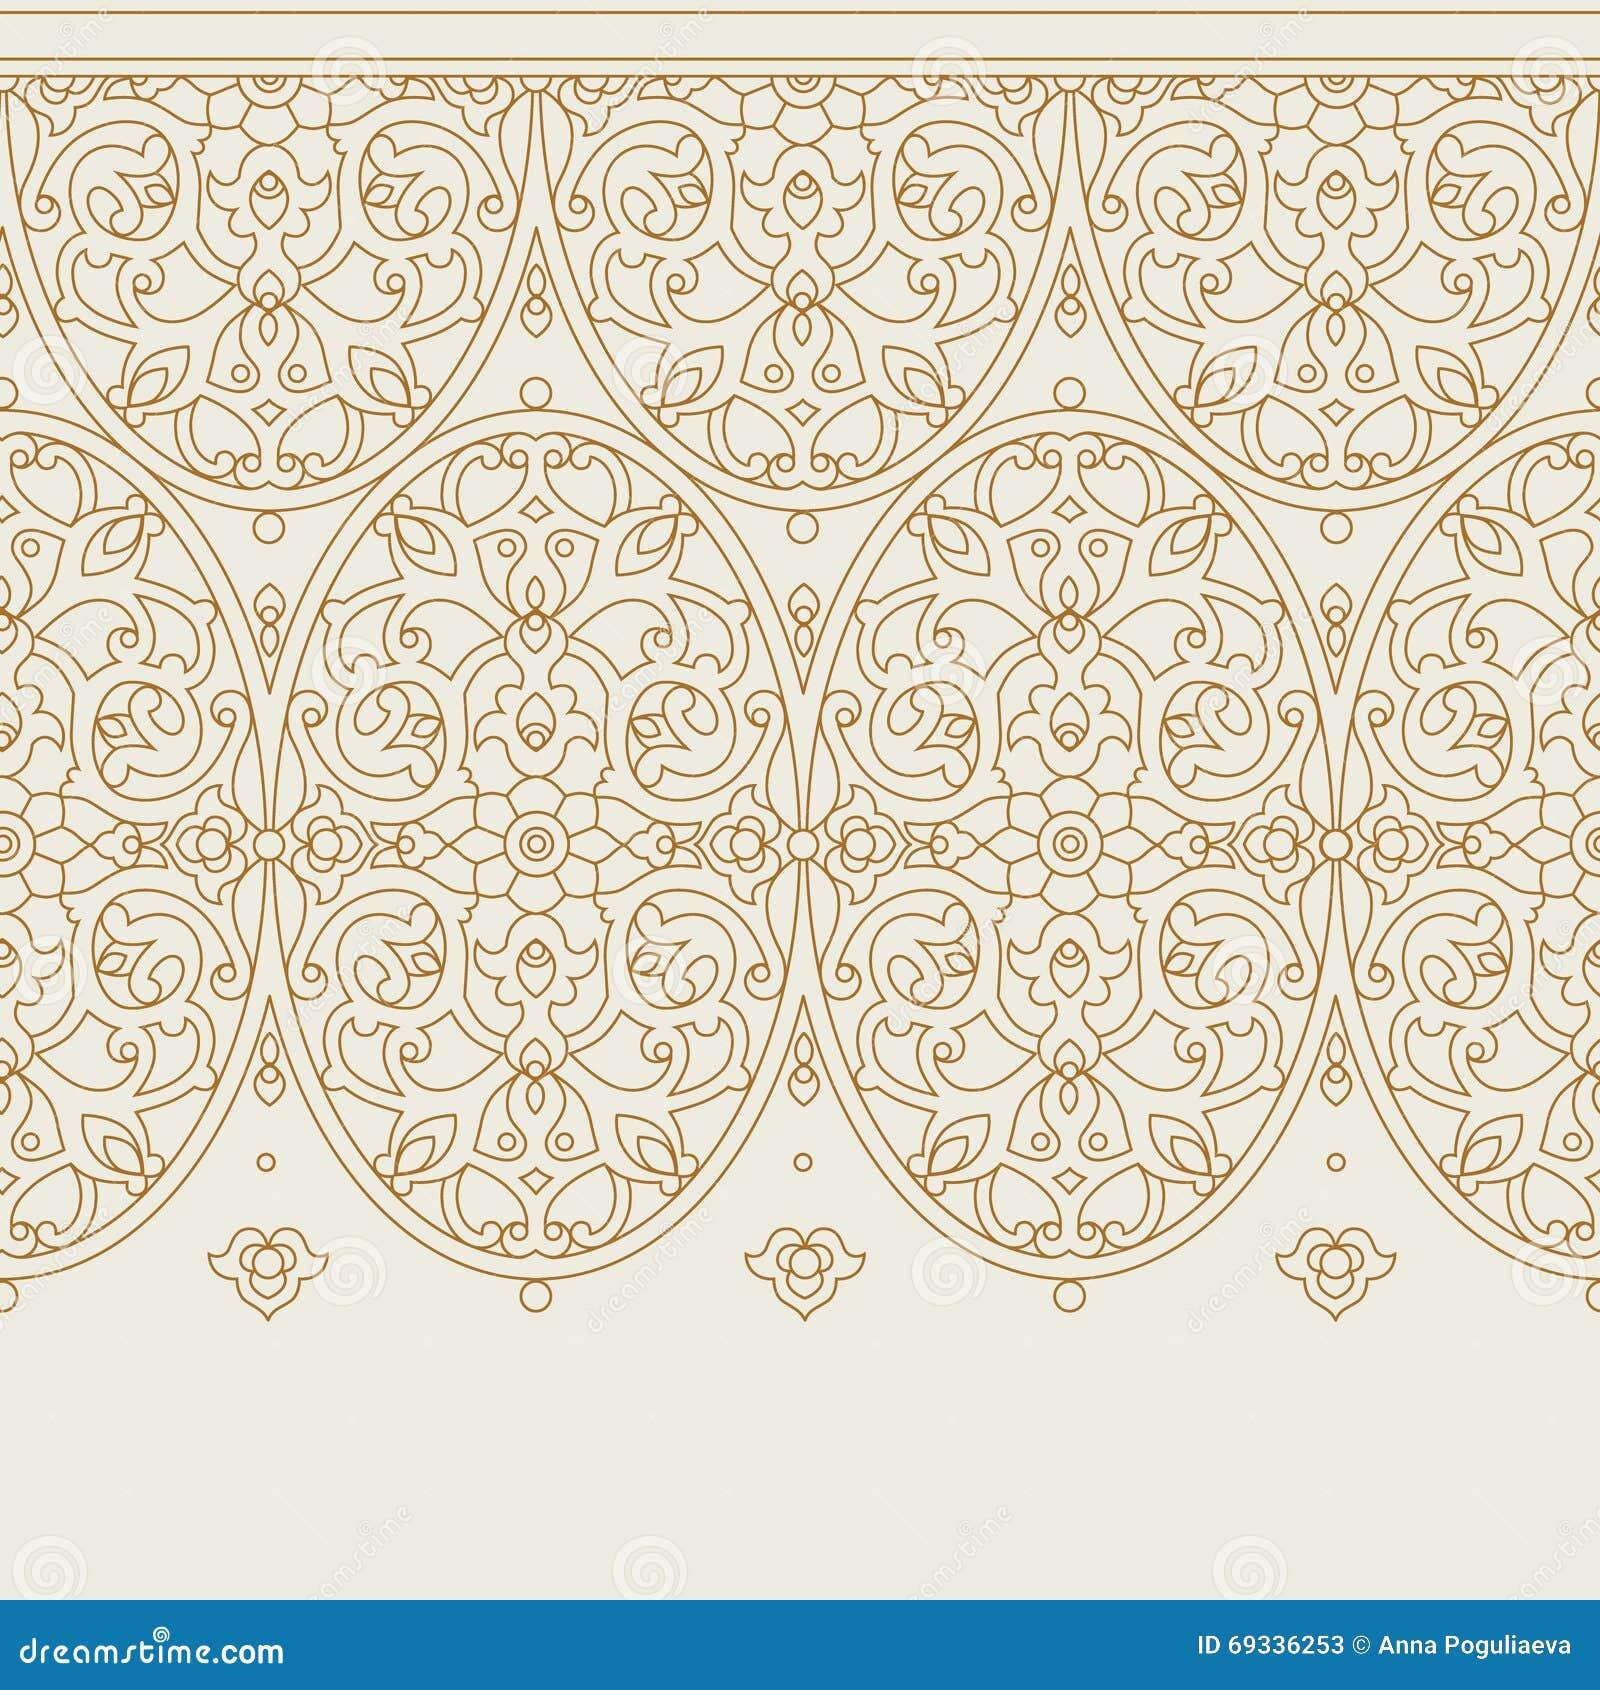 Frame Design Line Art : Vector ornate seamless border in eastern style stock